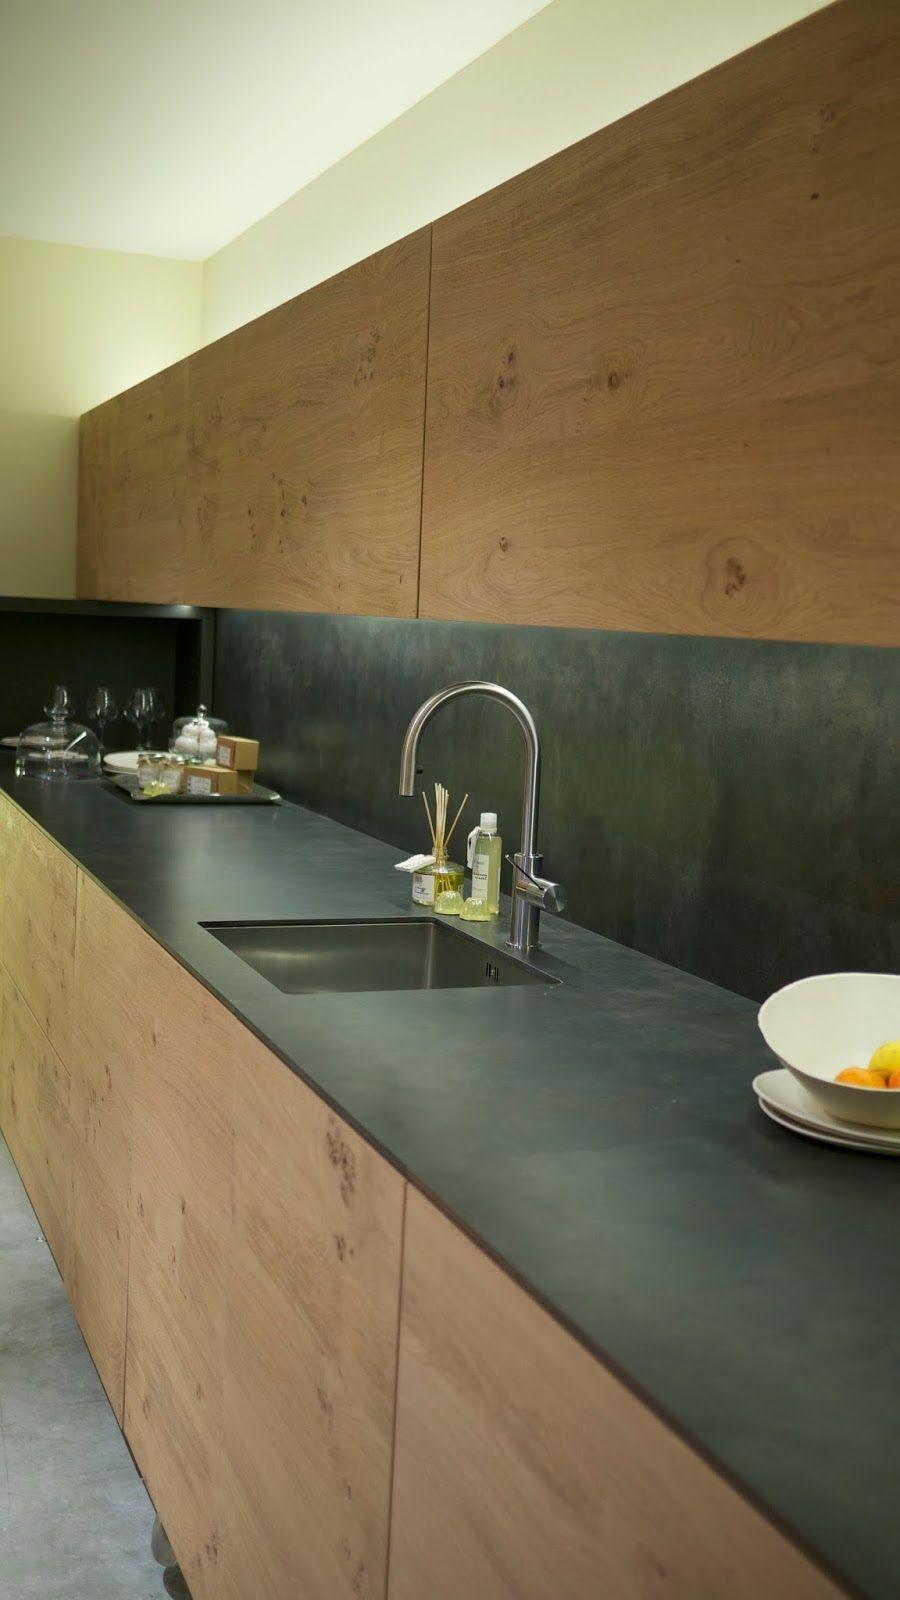 Pin von Nusret Direk auf mutfak | Pinterest | Küche, Küchen design ...